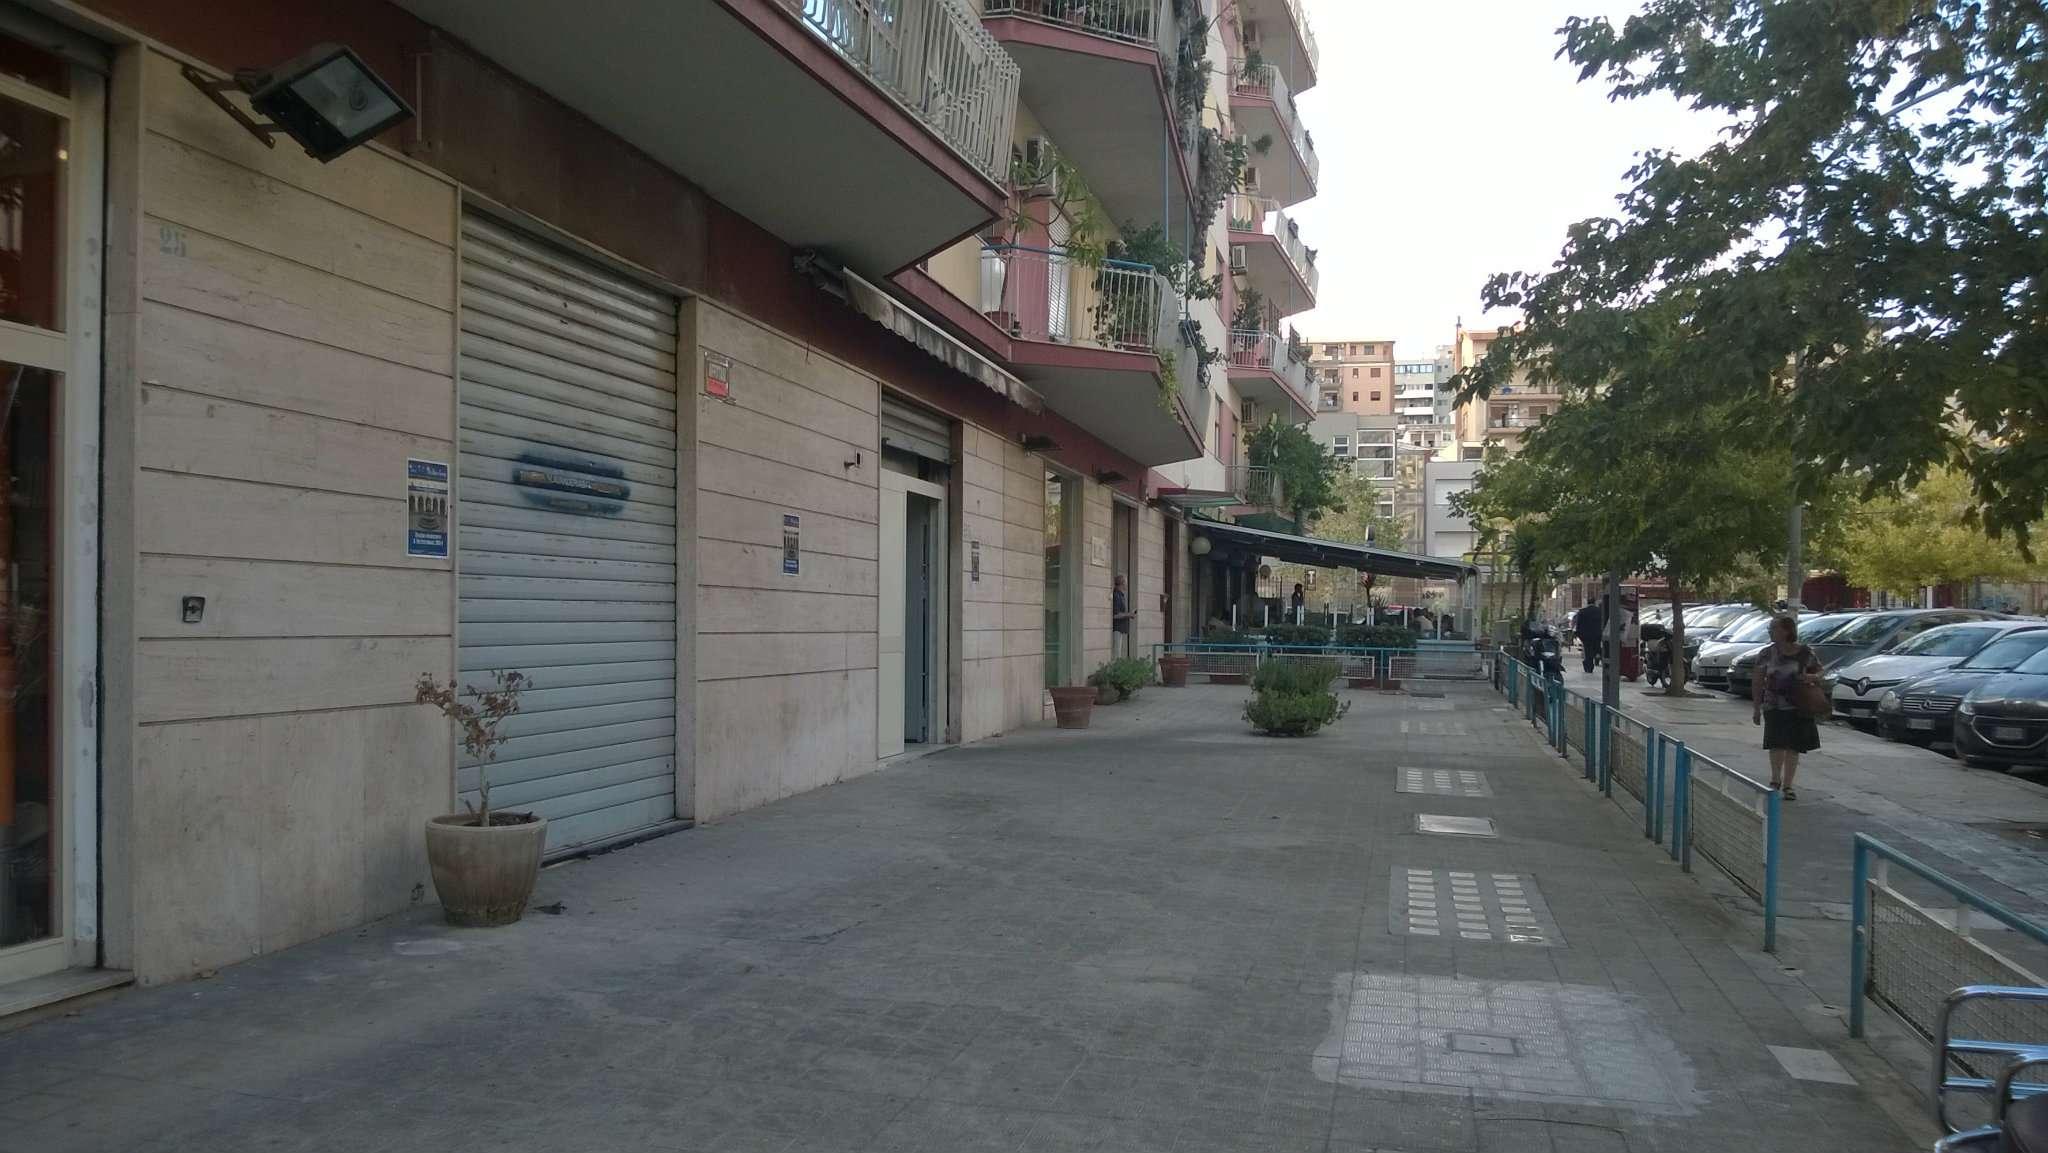 Negozio-locale in Affitto a Palermo: 2 locali, 70 mq